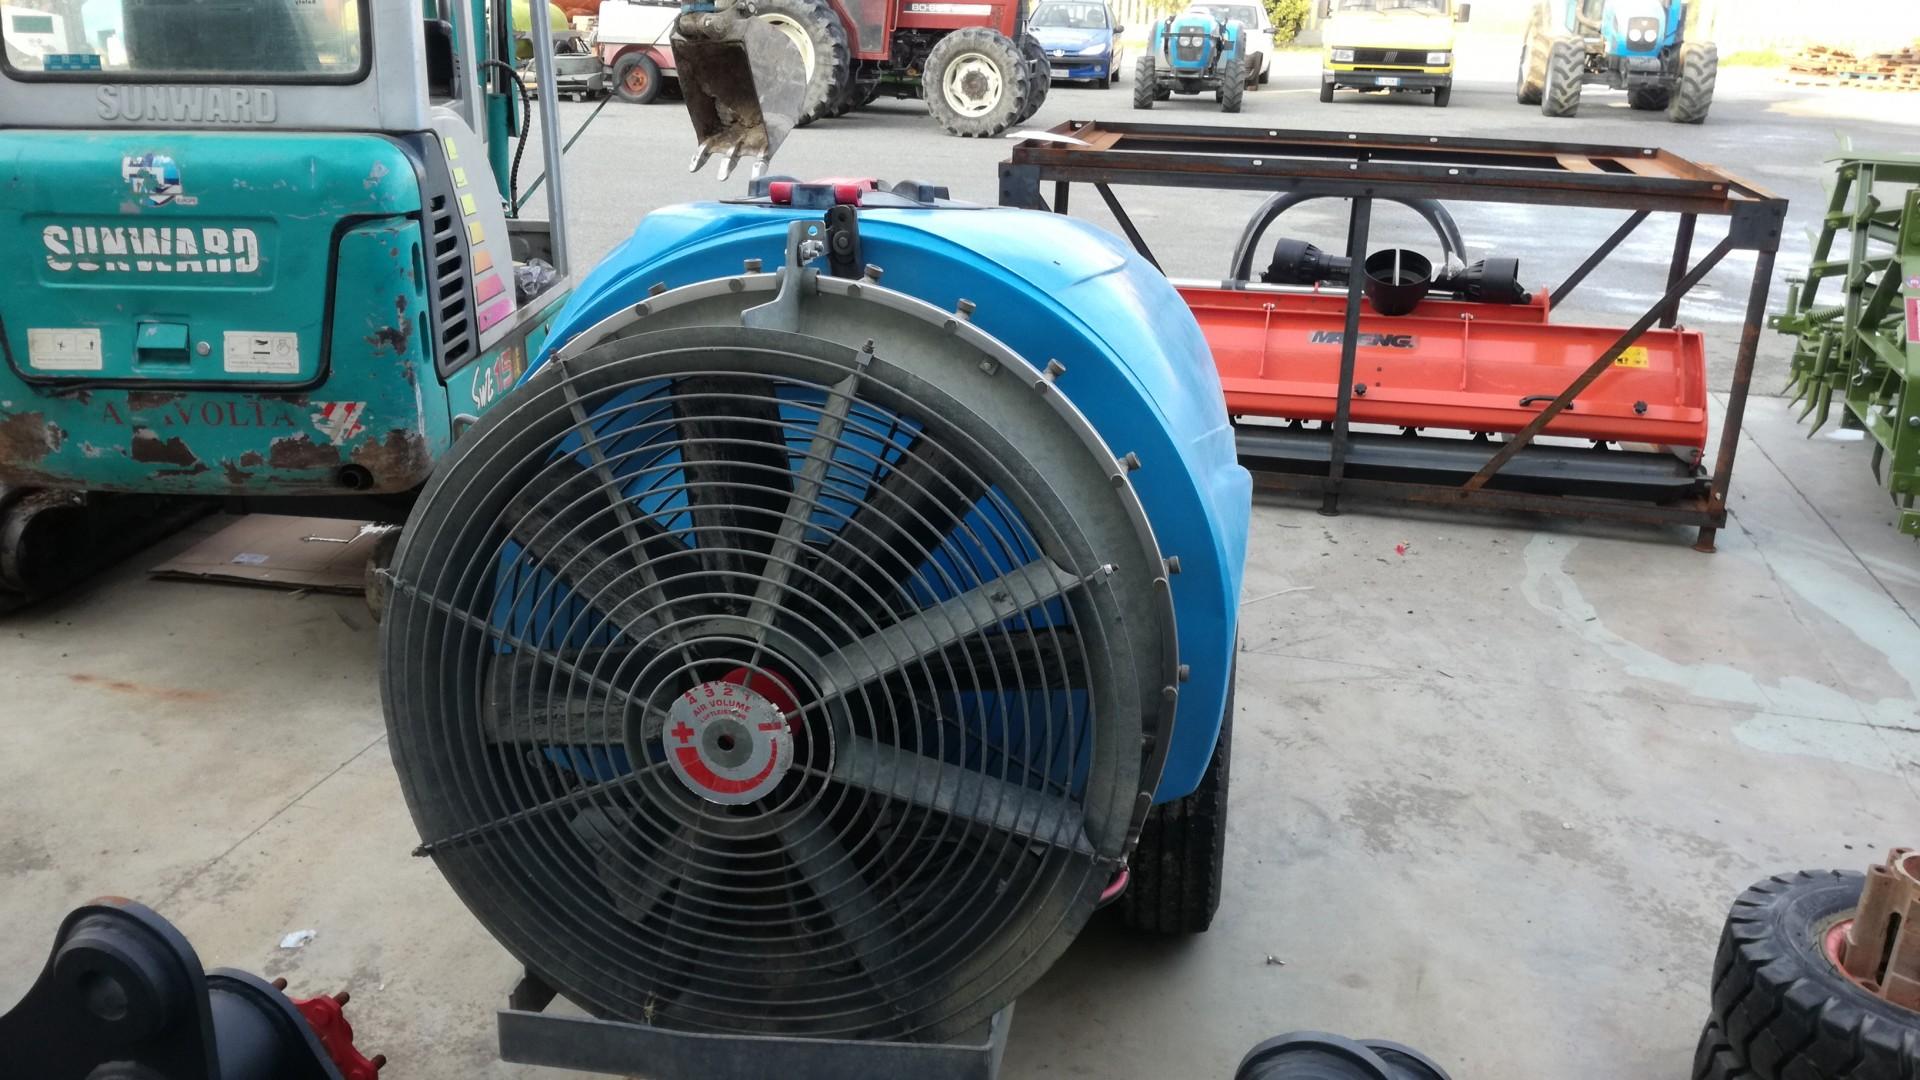 Atomizzatore usato tifone vento 1000 visto da dietro dalla ventola posteriore